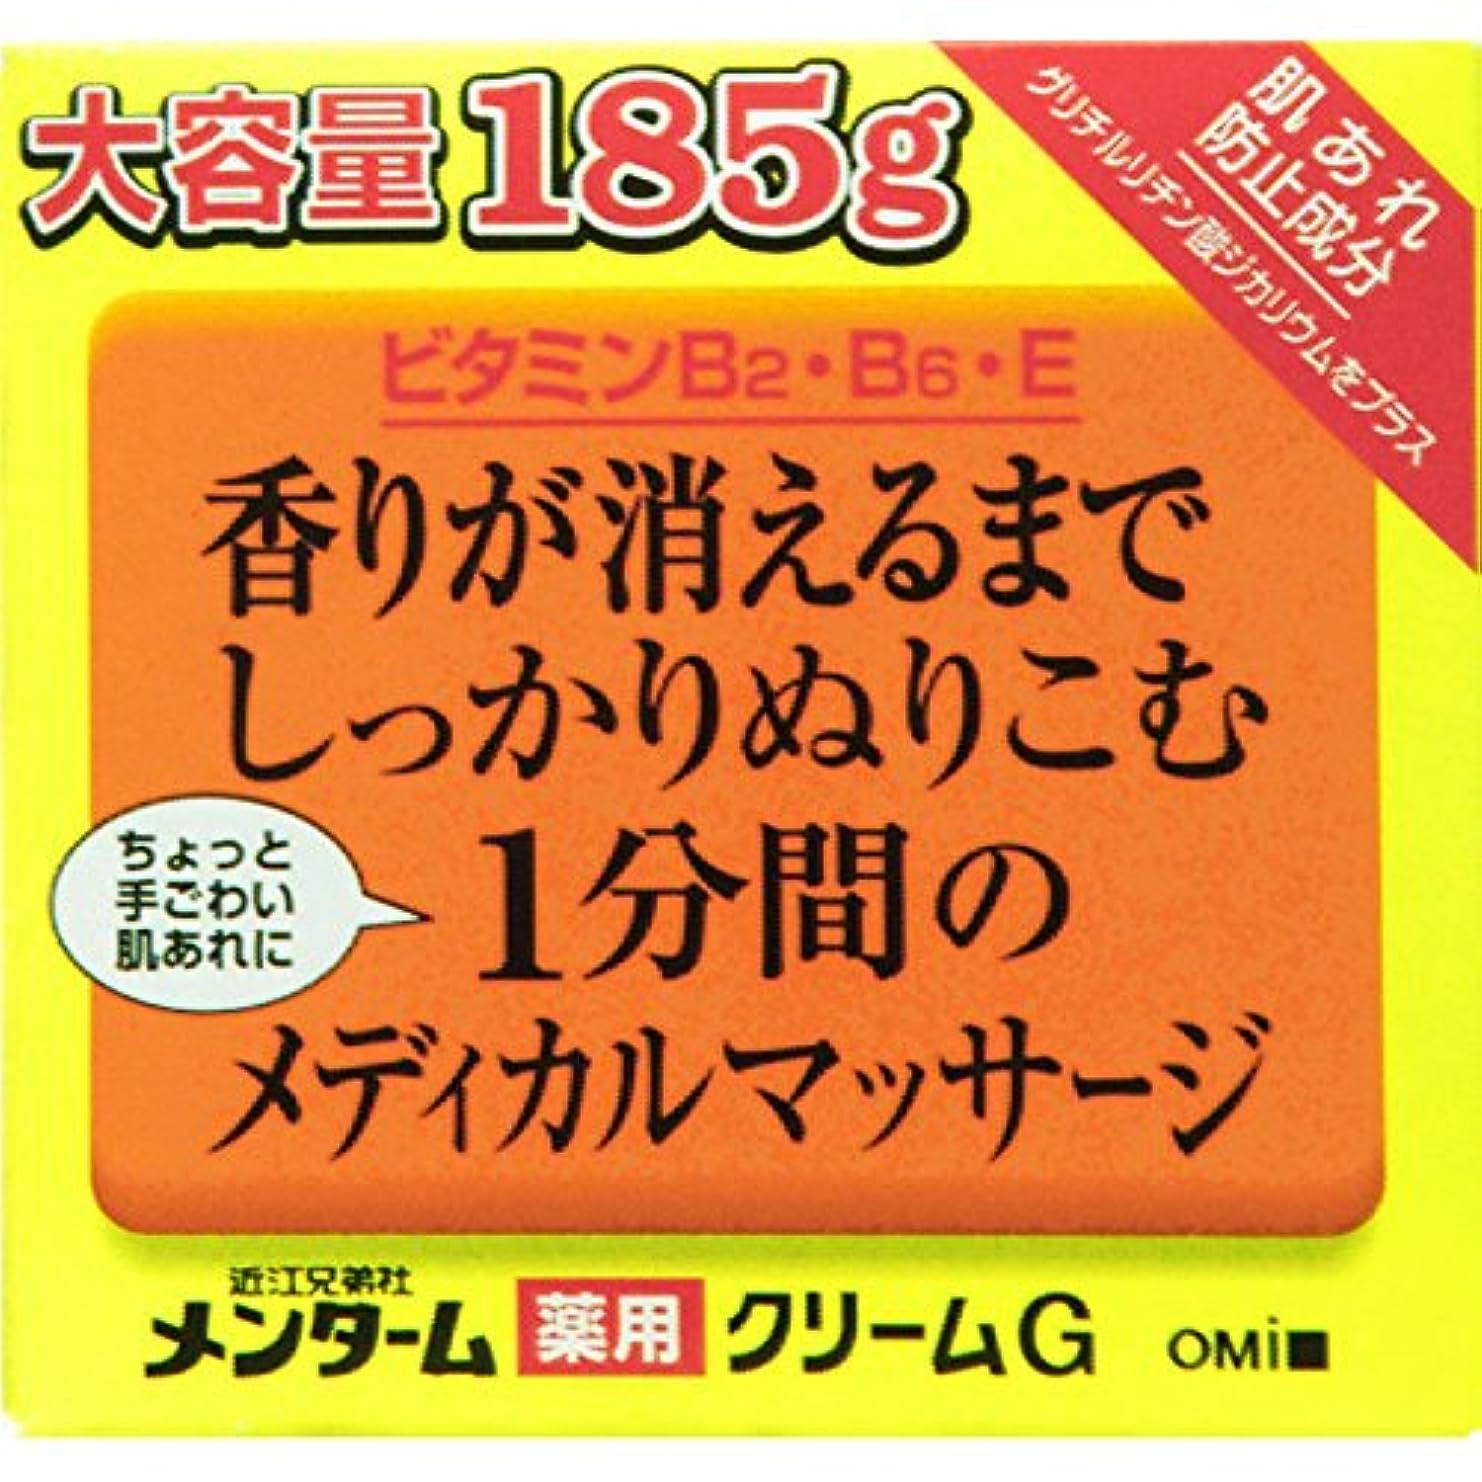 シンク驚落胆するMKM メンタームメディカルクリーム 185g